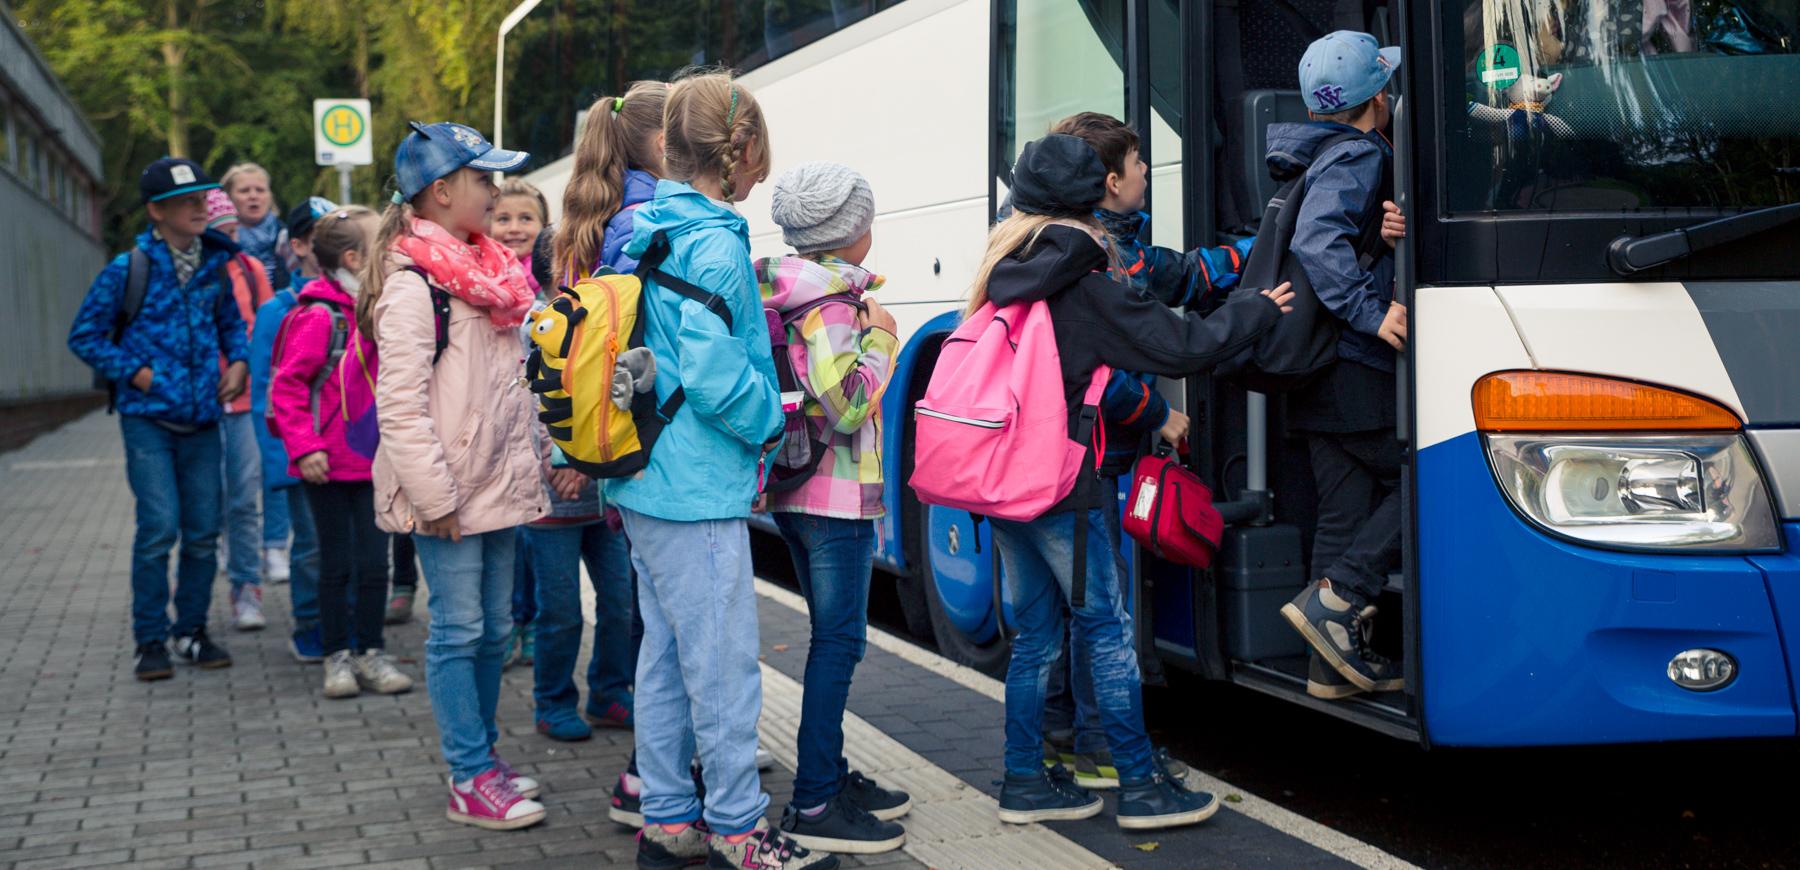 Schulkinder steigen in einen UBB Bus ein.